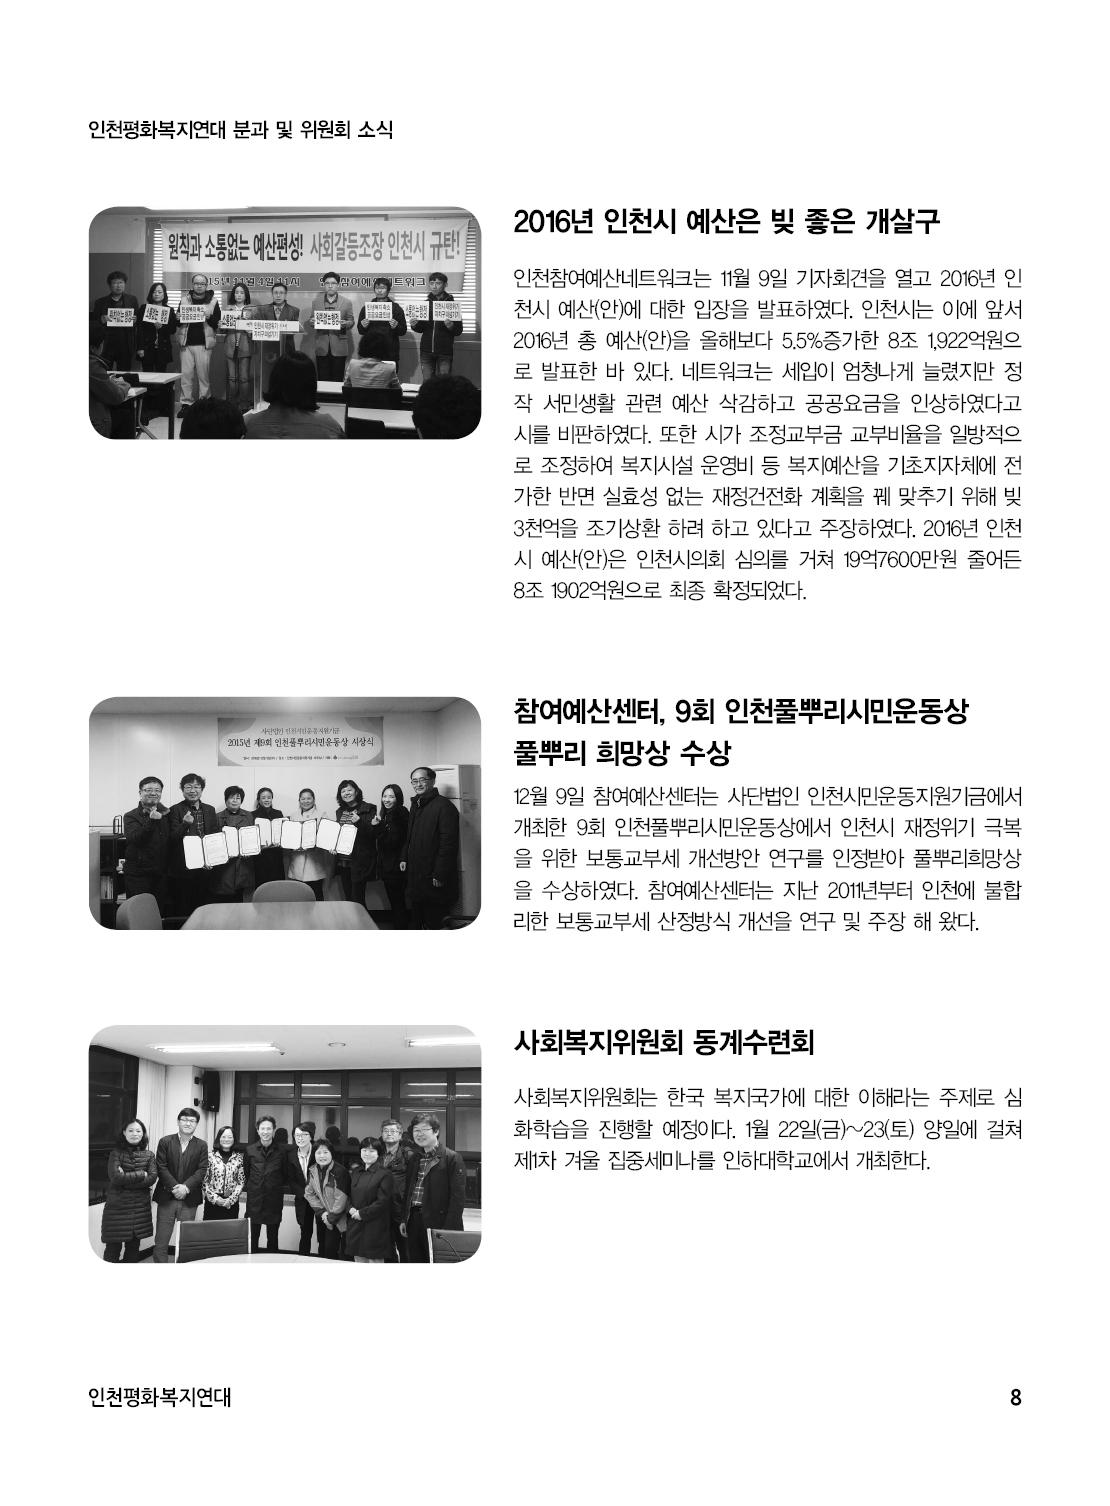 아웃라인 인천평화복지연대 창간준비2호8.jpg